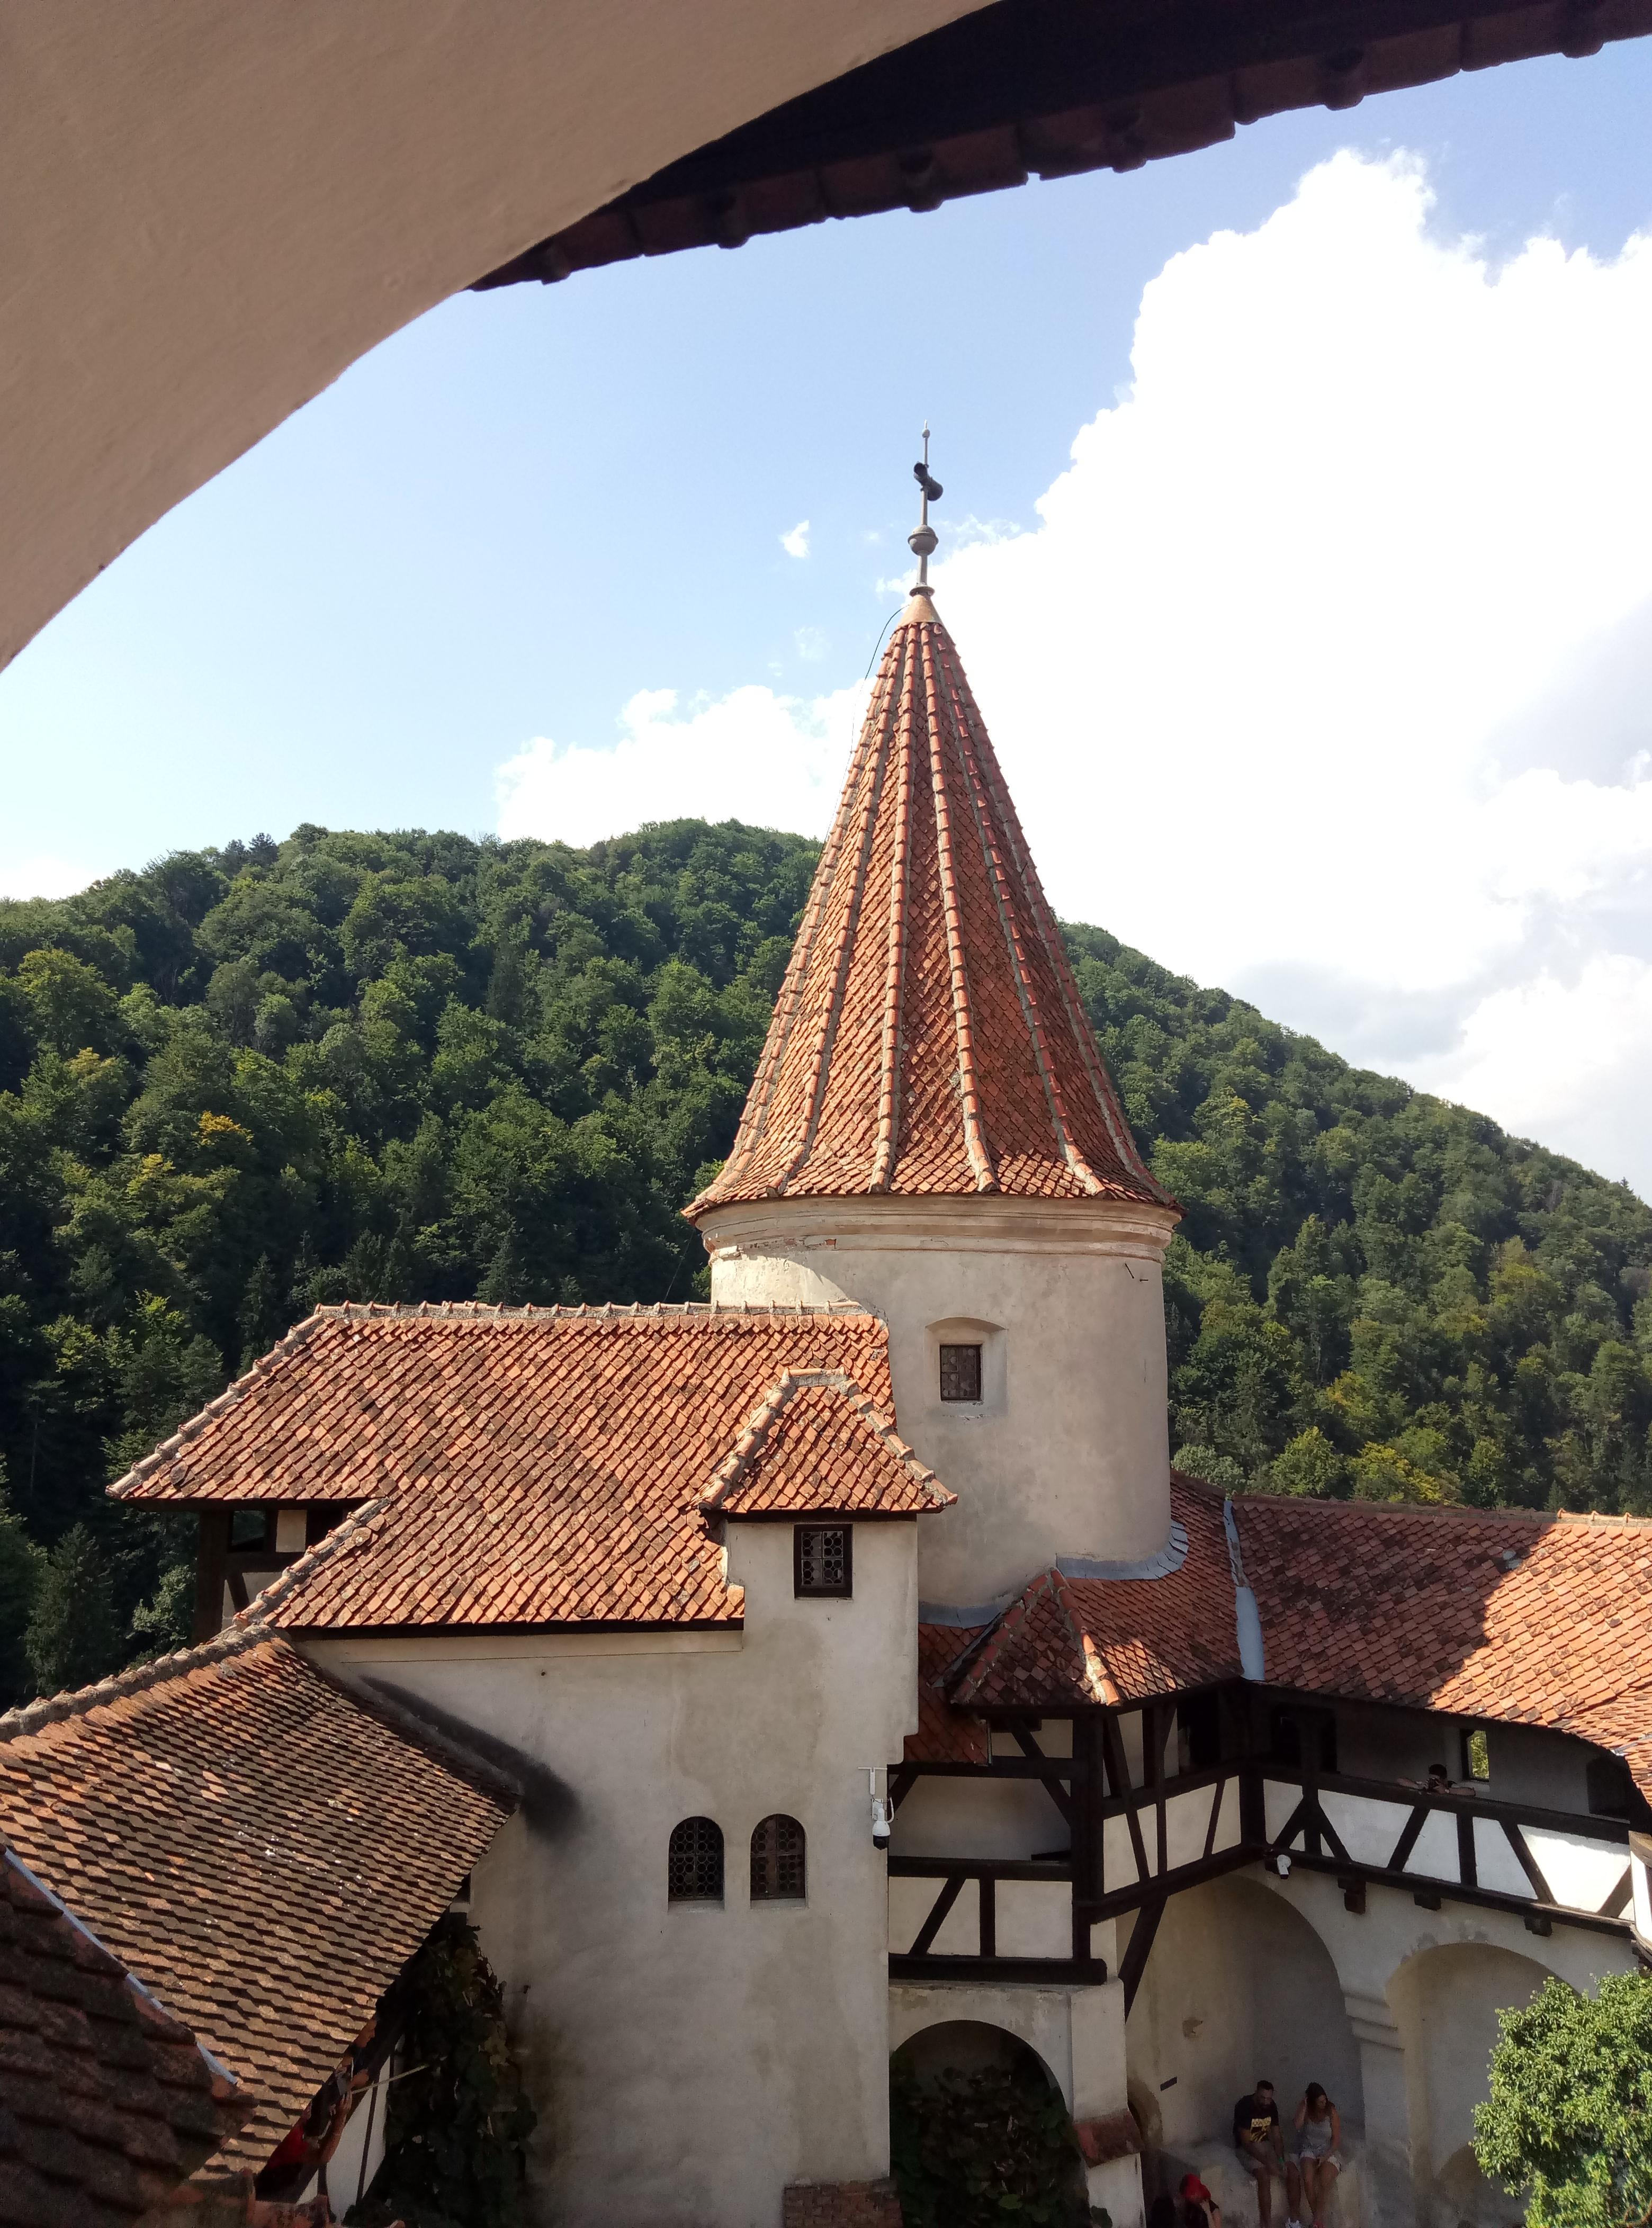 Замок Дракулы в Трансильвании: у вапмира были гениальные пиарщики Замок Дракулы в Трансильвании P80826 143334